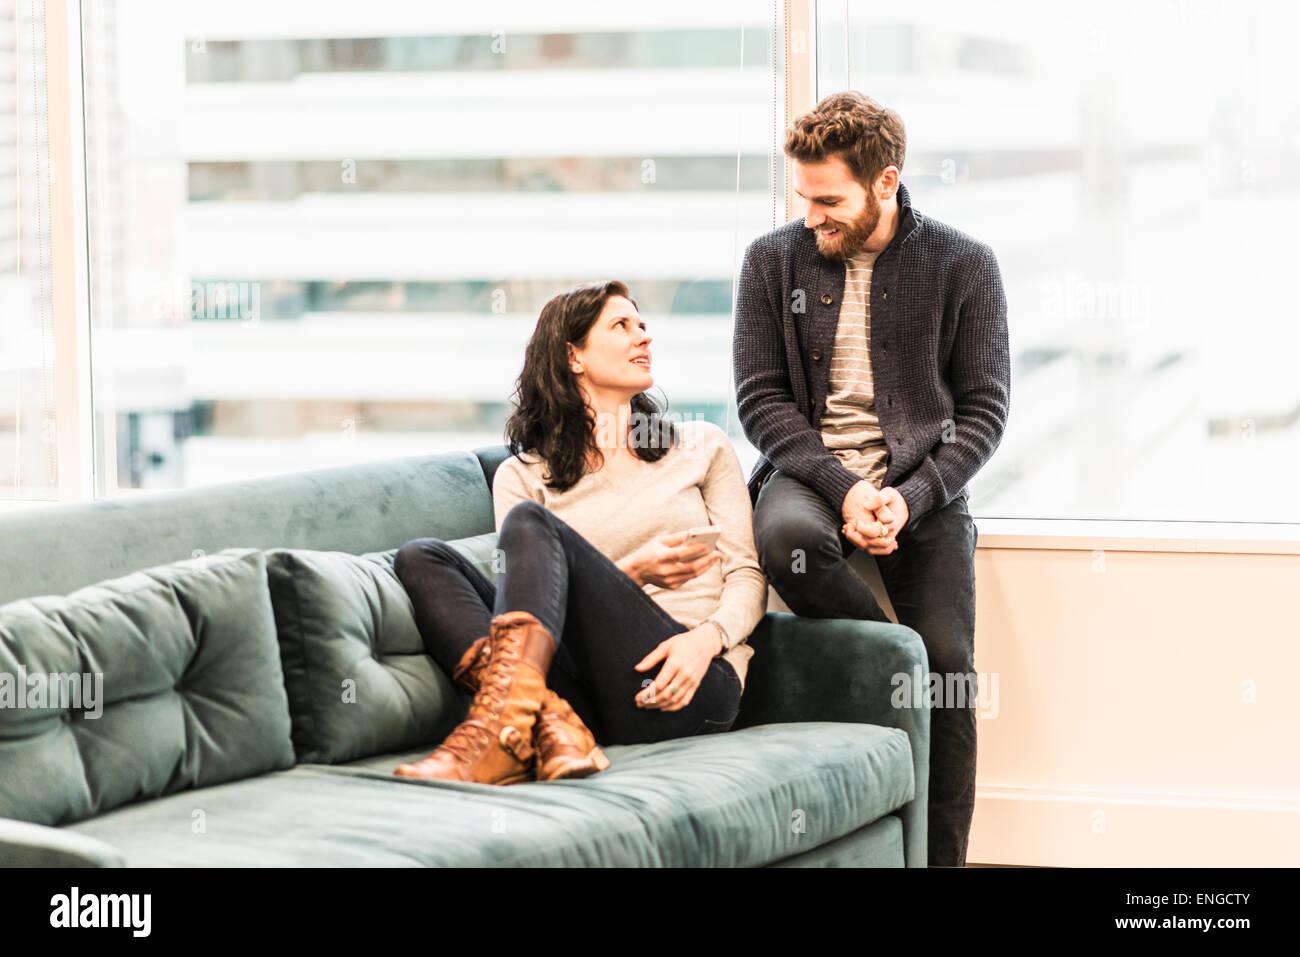 Dos personas, una mujer sentada en un sofá con sus pies relajante, y un hombre sentado a hablar con ella. Imagen De Stock